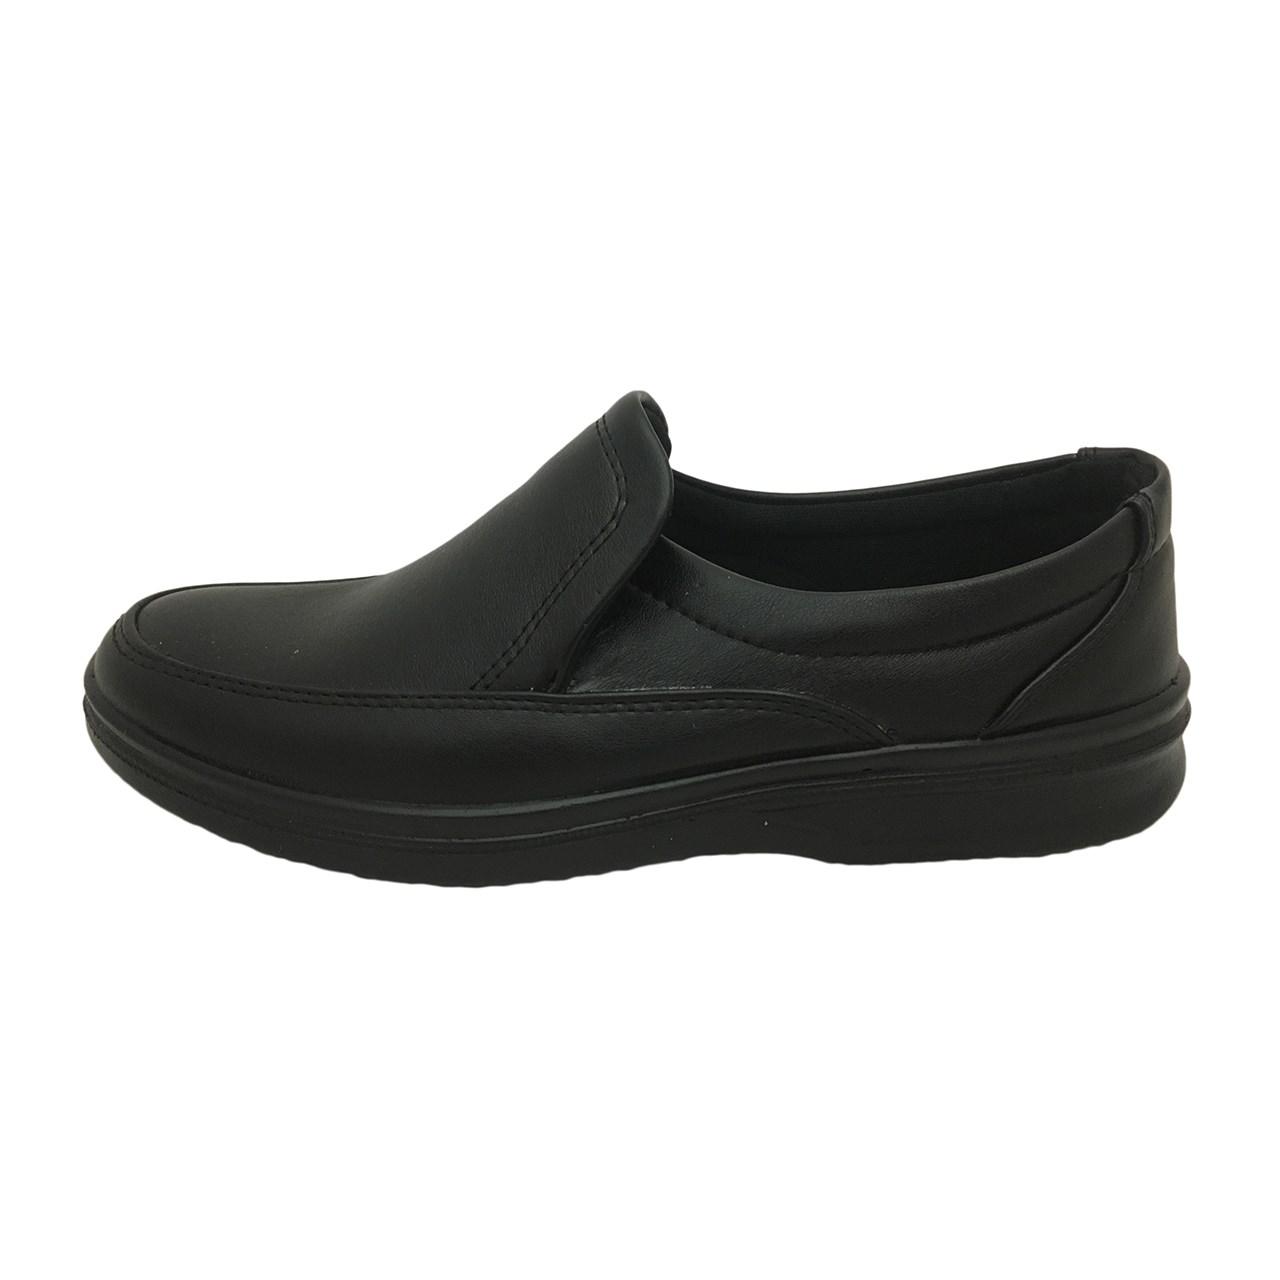 قیمت کفش راحتی مردانه نهرین مدل سیلور 1173